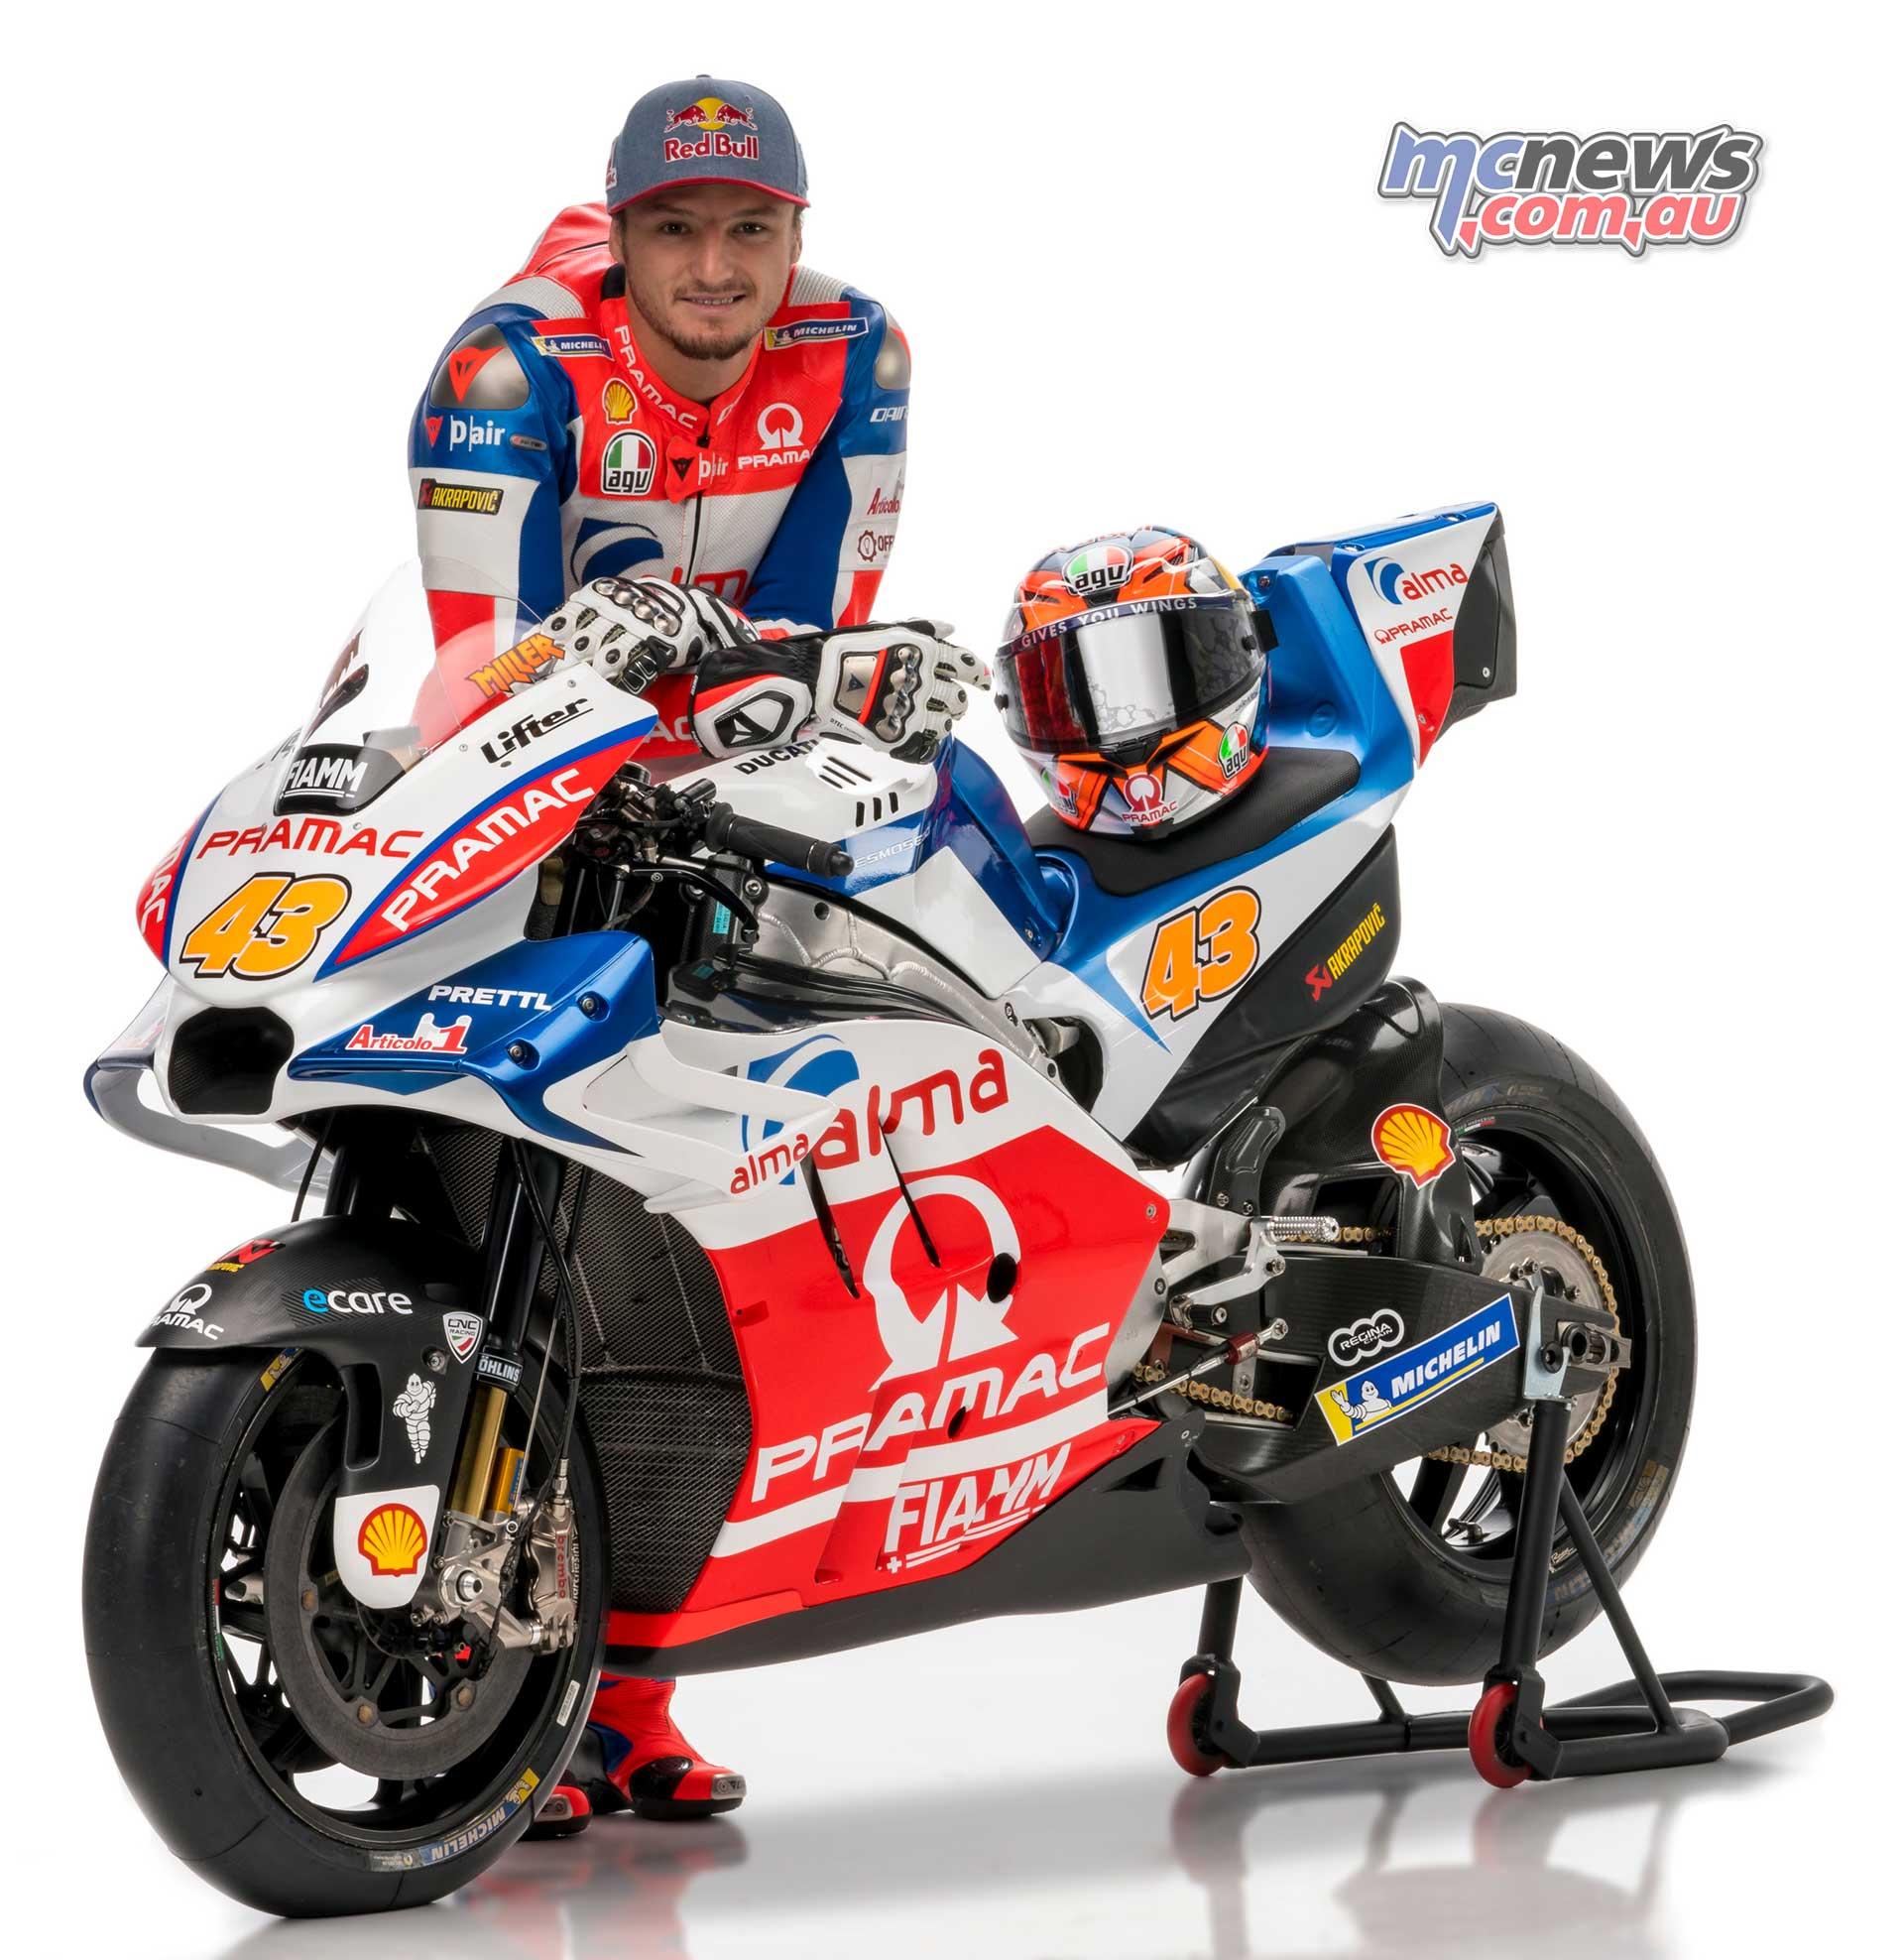 Motogp 2018: Jack Miller And Pramac Ducati Ready For MotoGP 2018